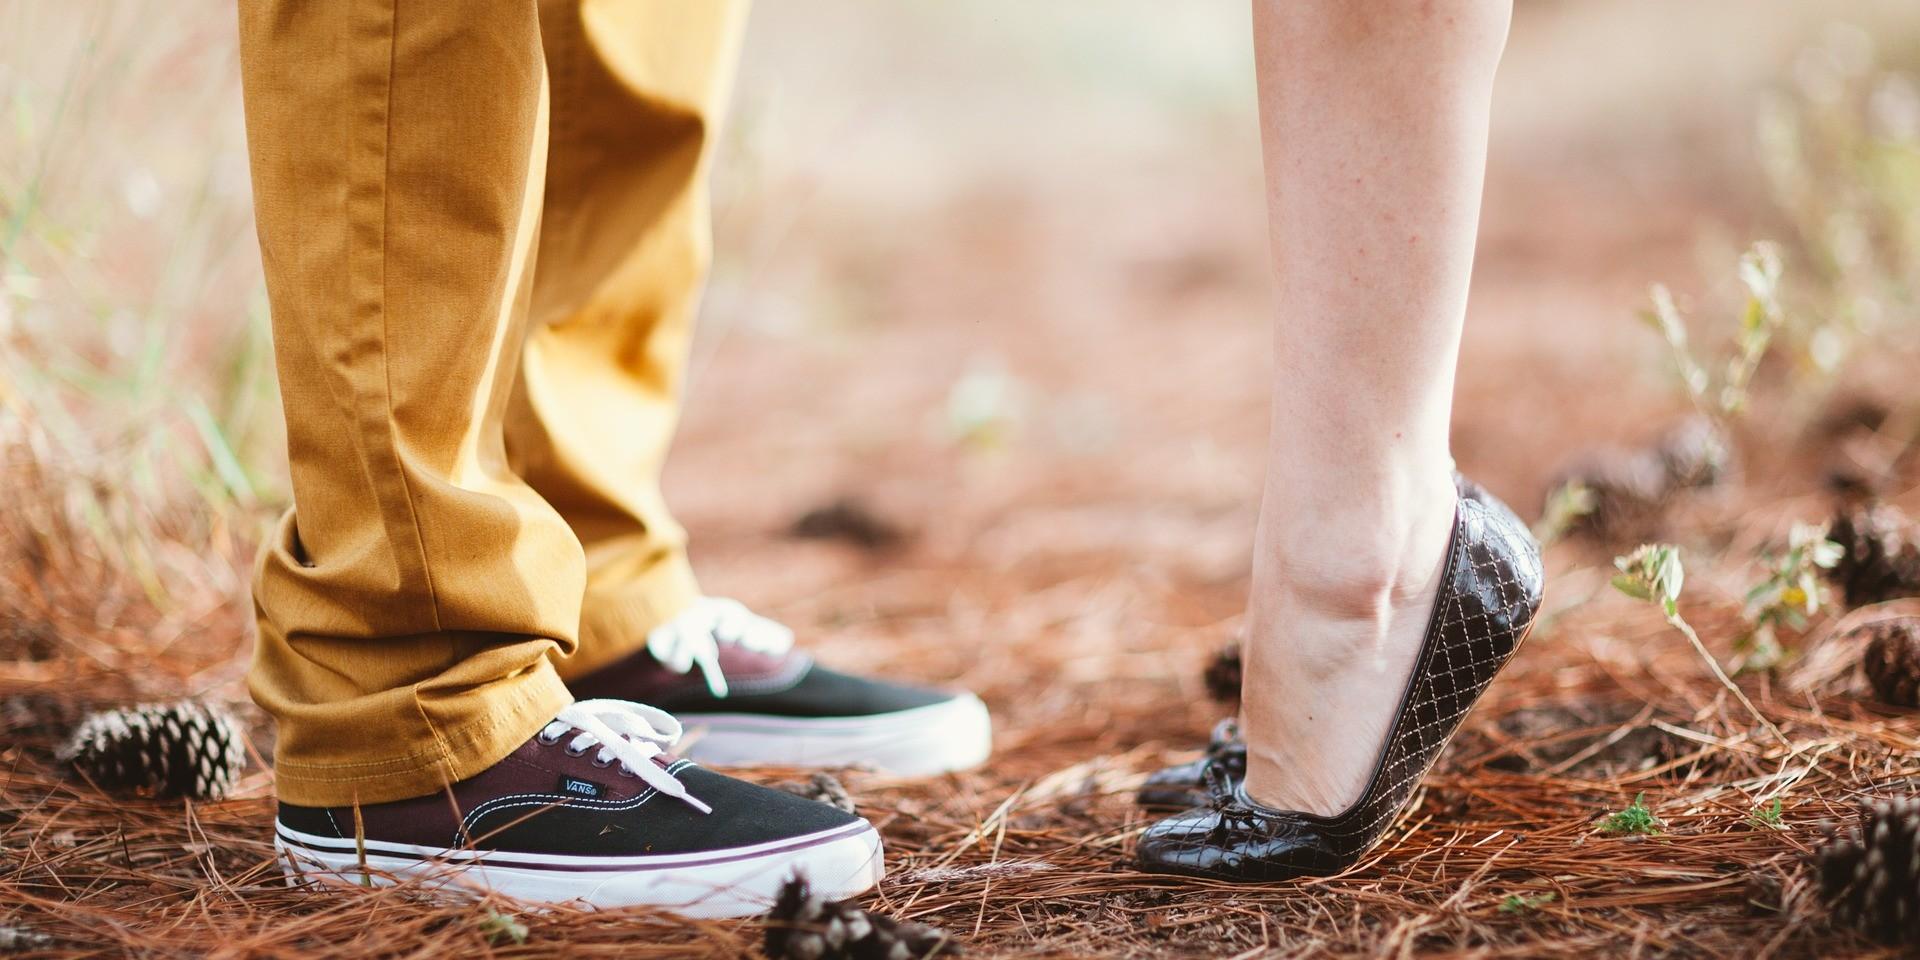 ISPOVIJEST LJUBAVNICE: Ovih 7 stvari sam naučila iz veze s oženjenim muškarcem